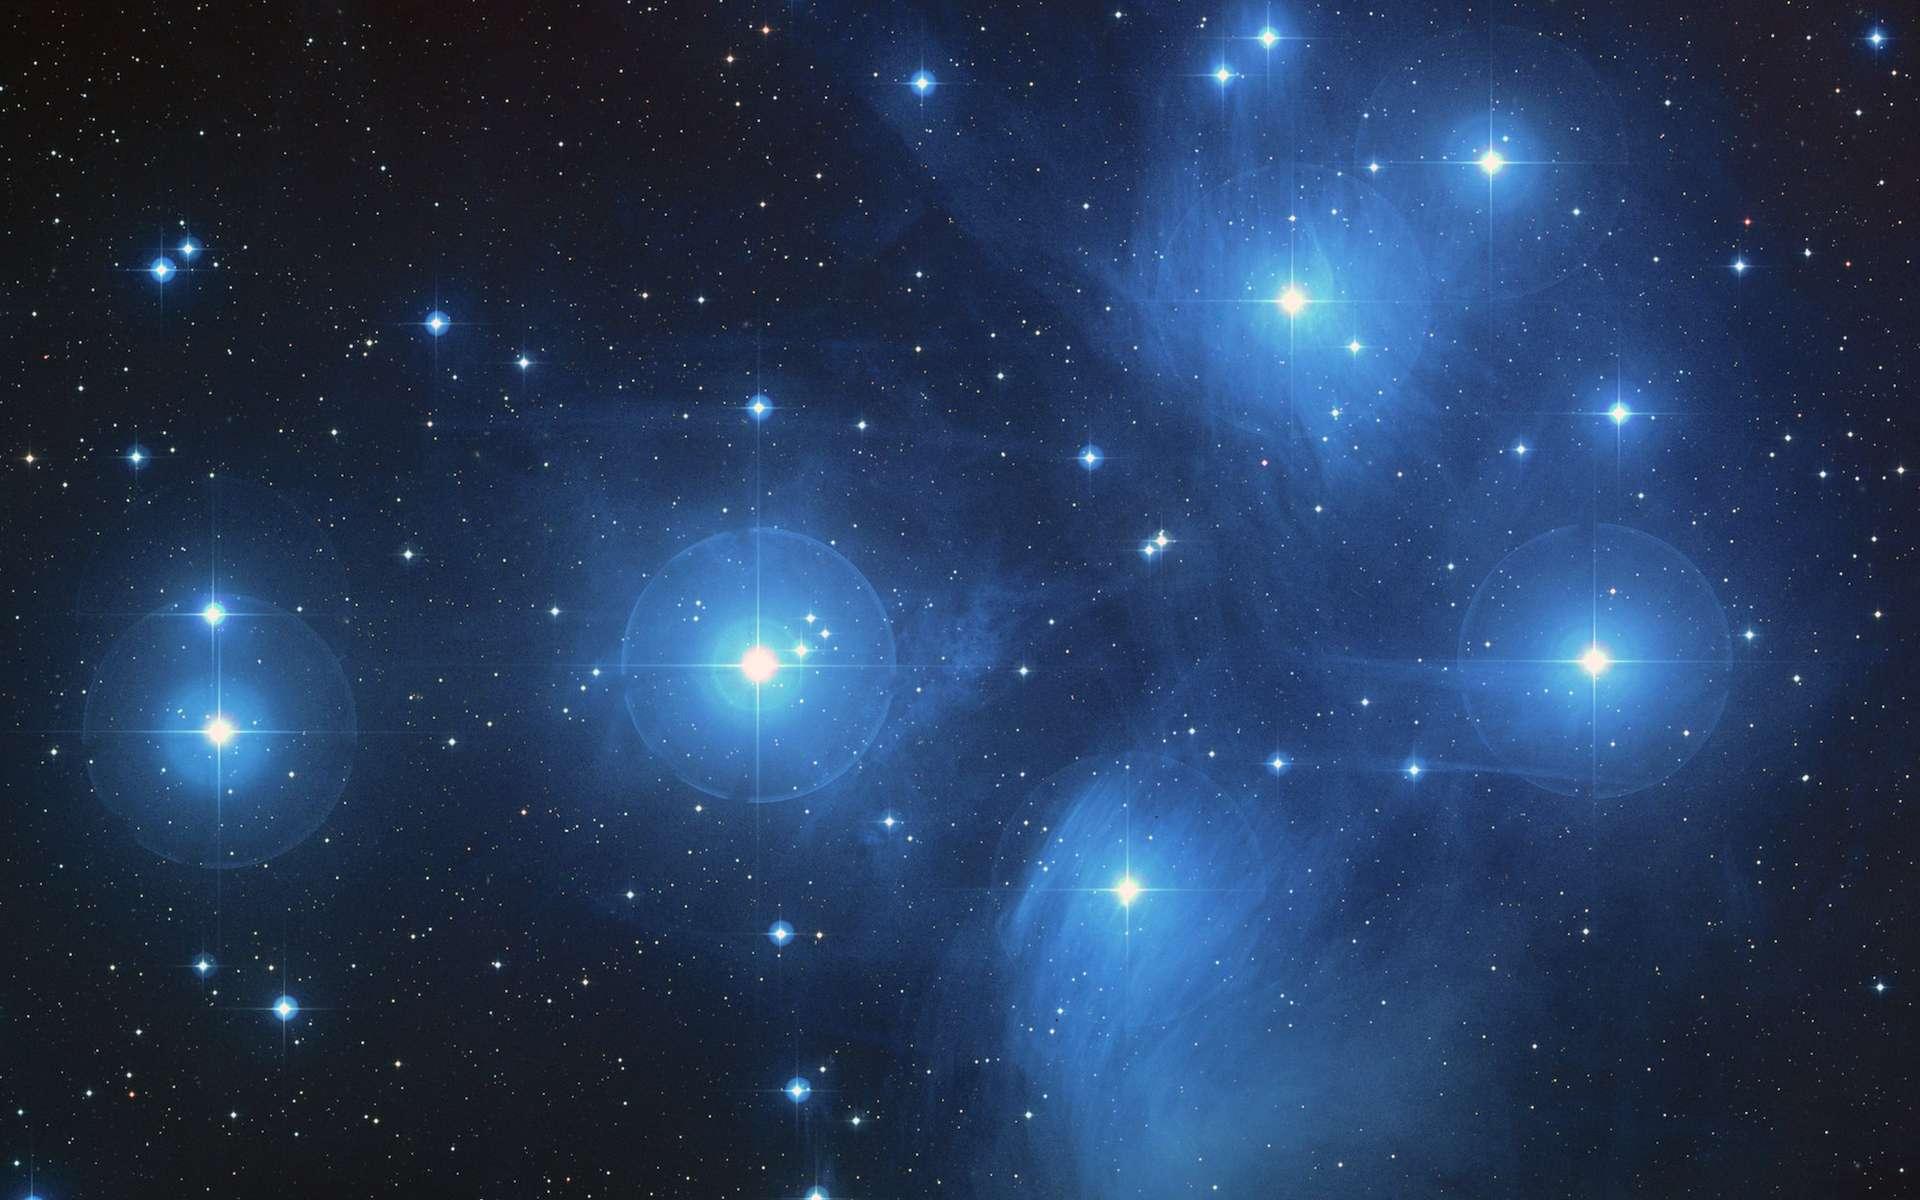 L'astrophysique étudie les propriétés des objets constituant l'univers – ici, l'amas des Pléiades. © Nasa, ESA, AURA/Caltech, Palomar Observatory, Wikipedia, DP